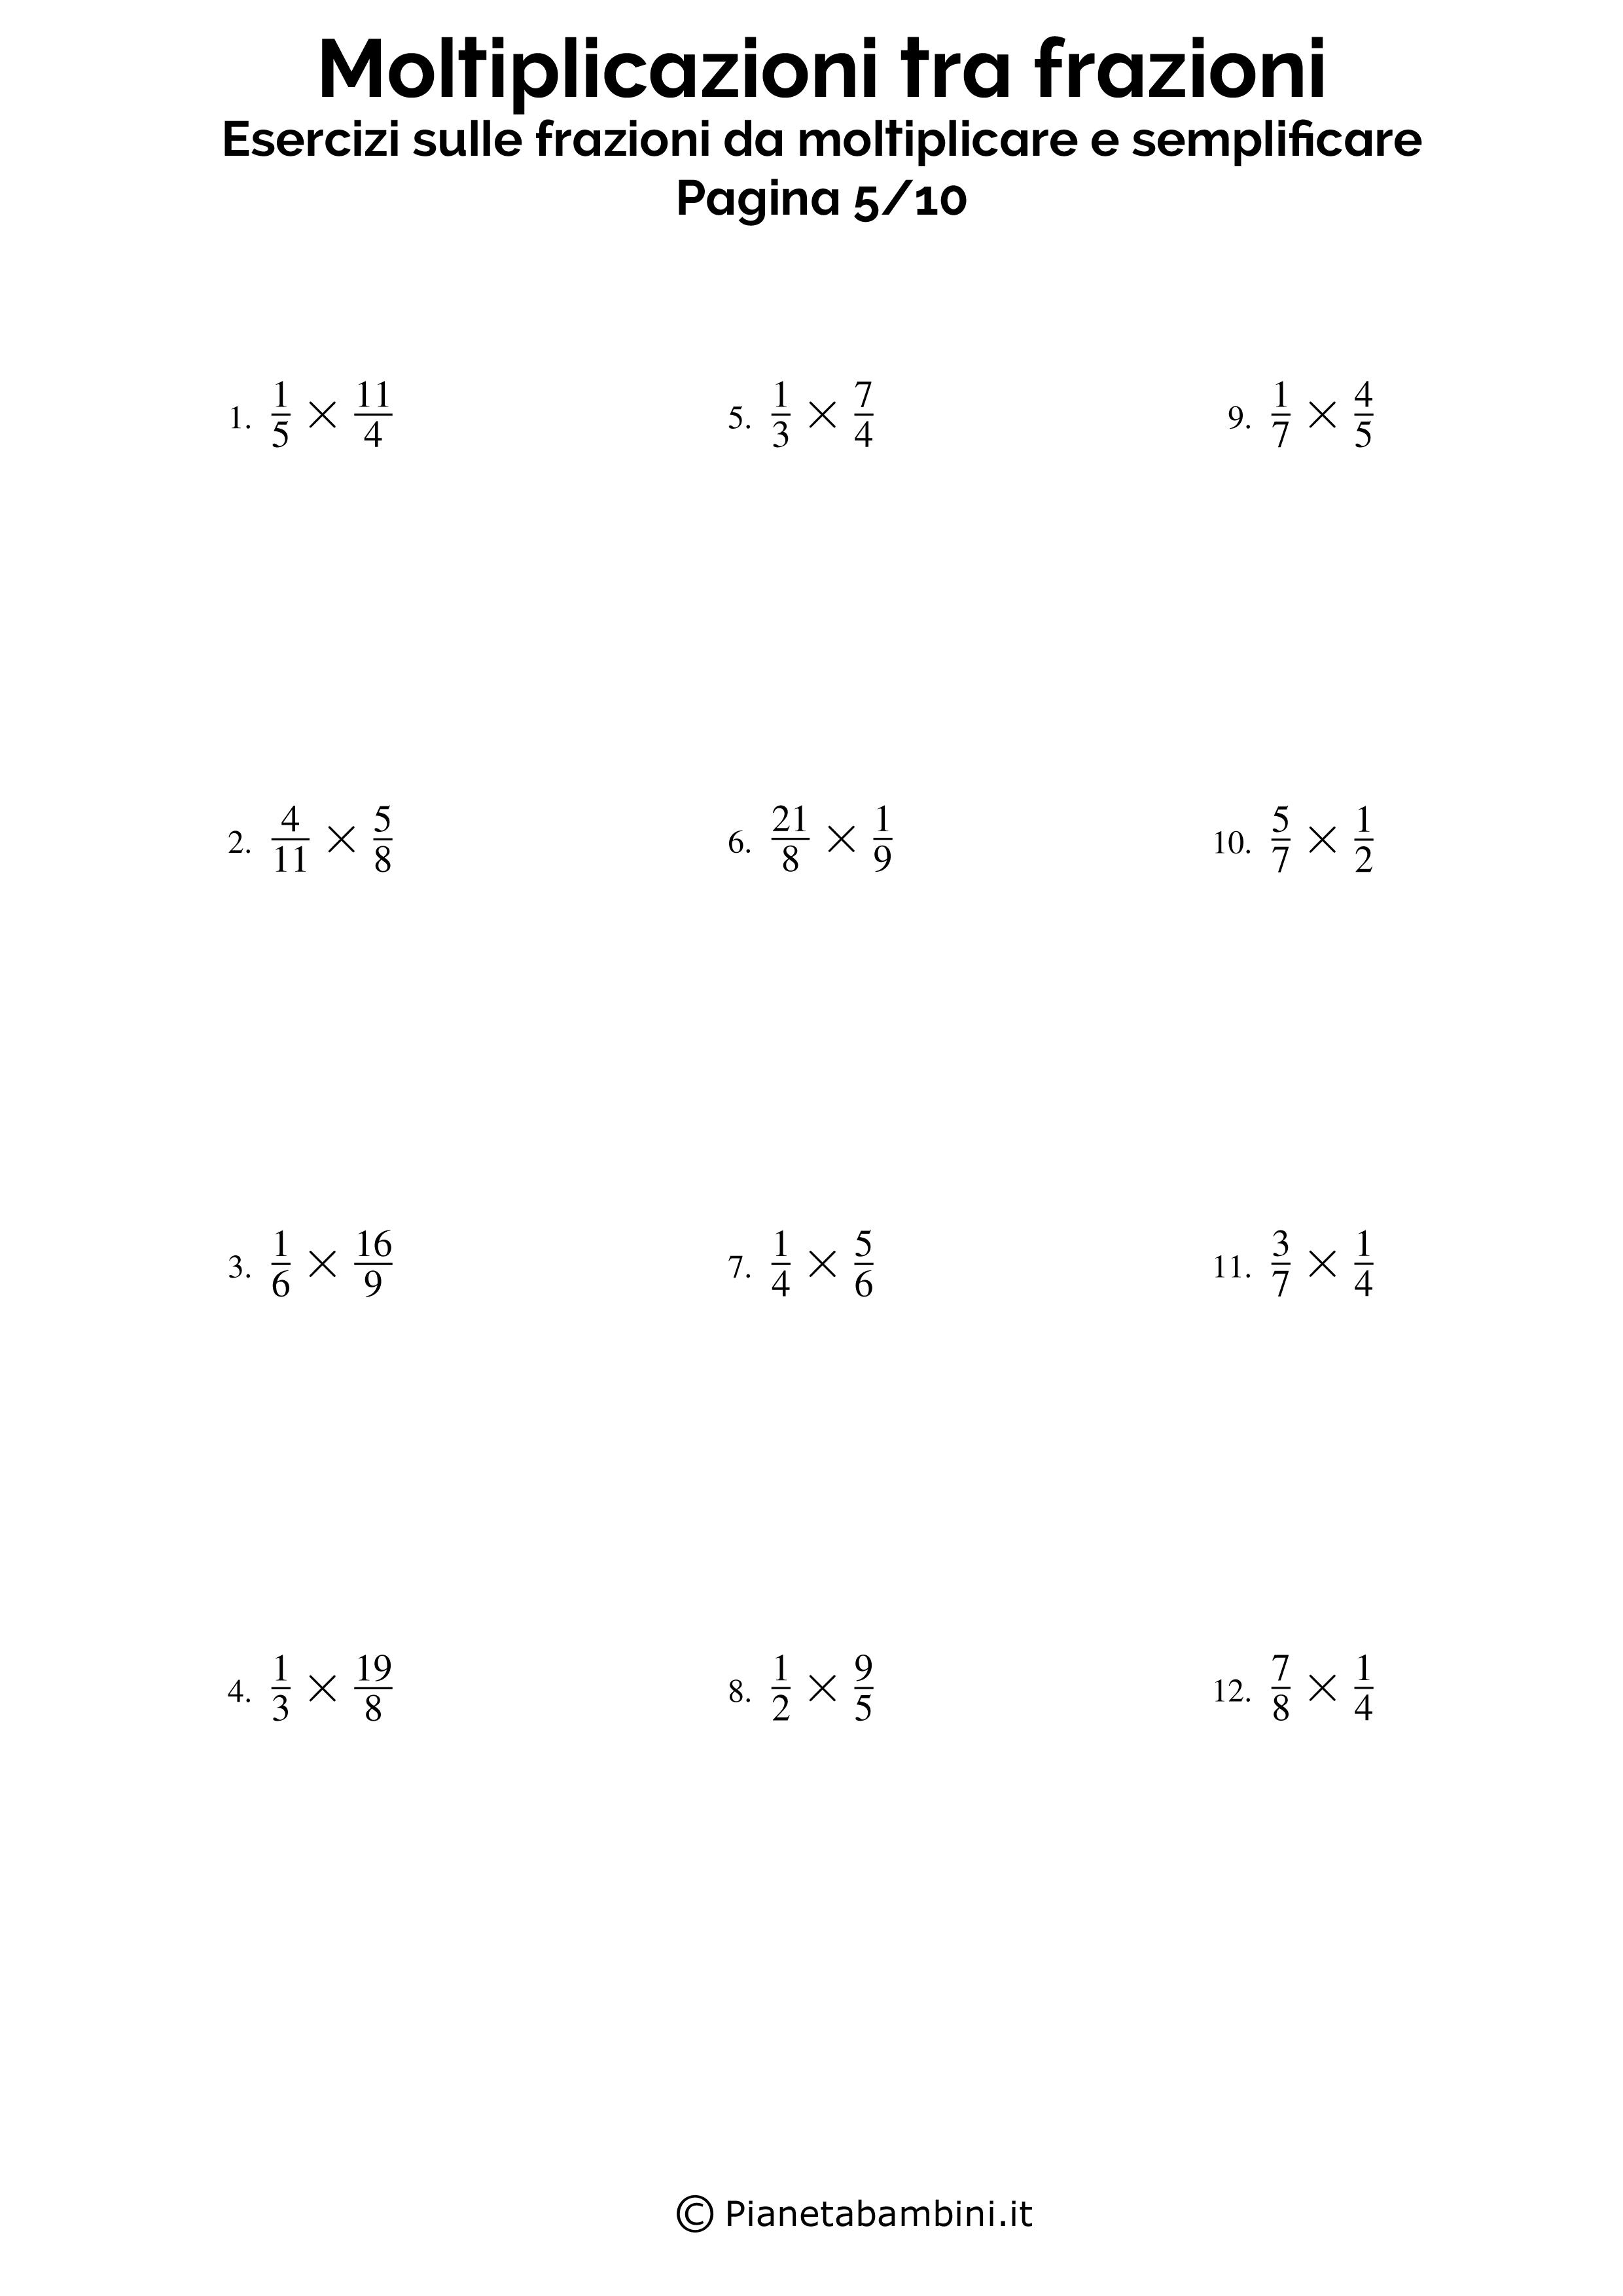 Frazioni-Moltiplicare-Semplificare_05